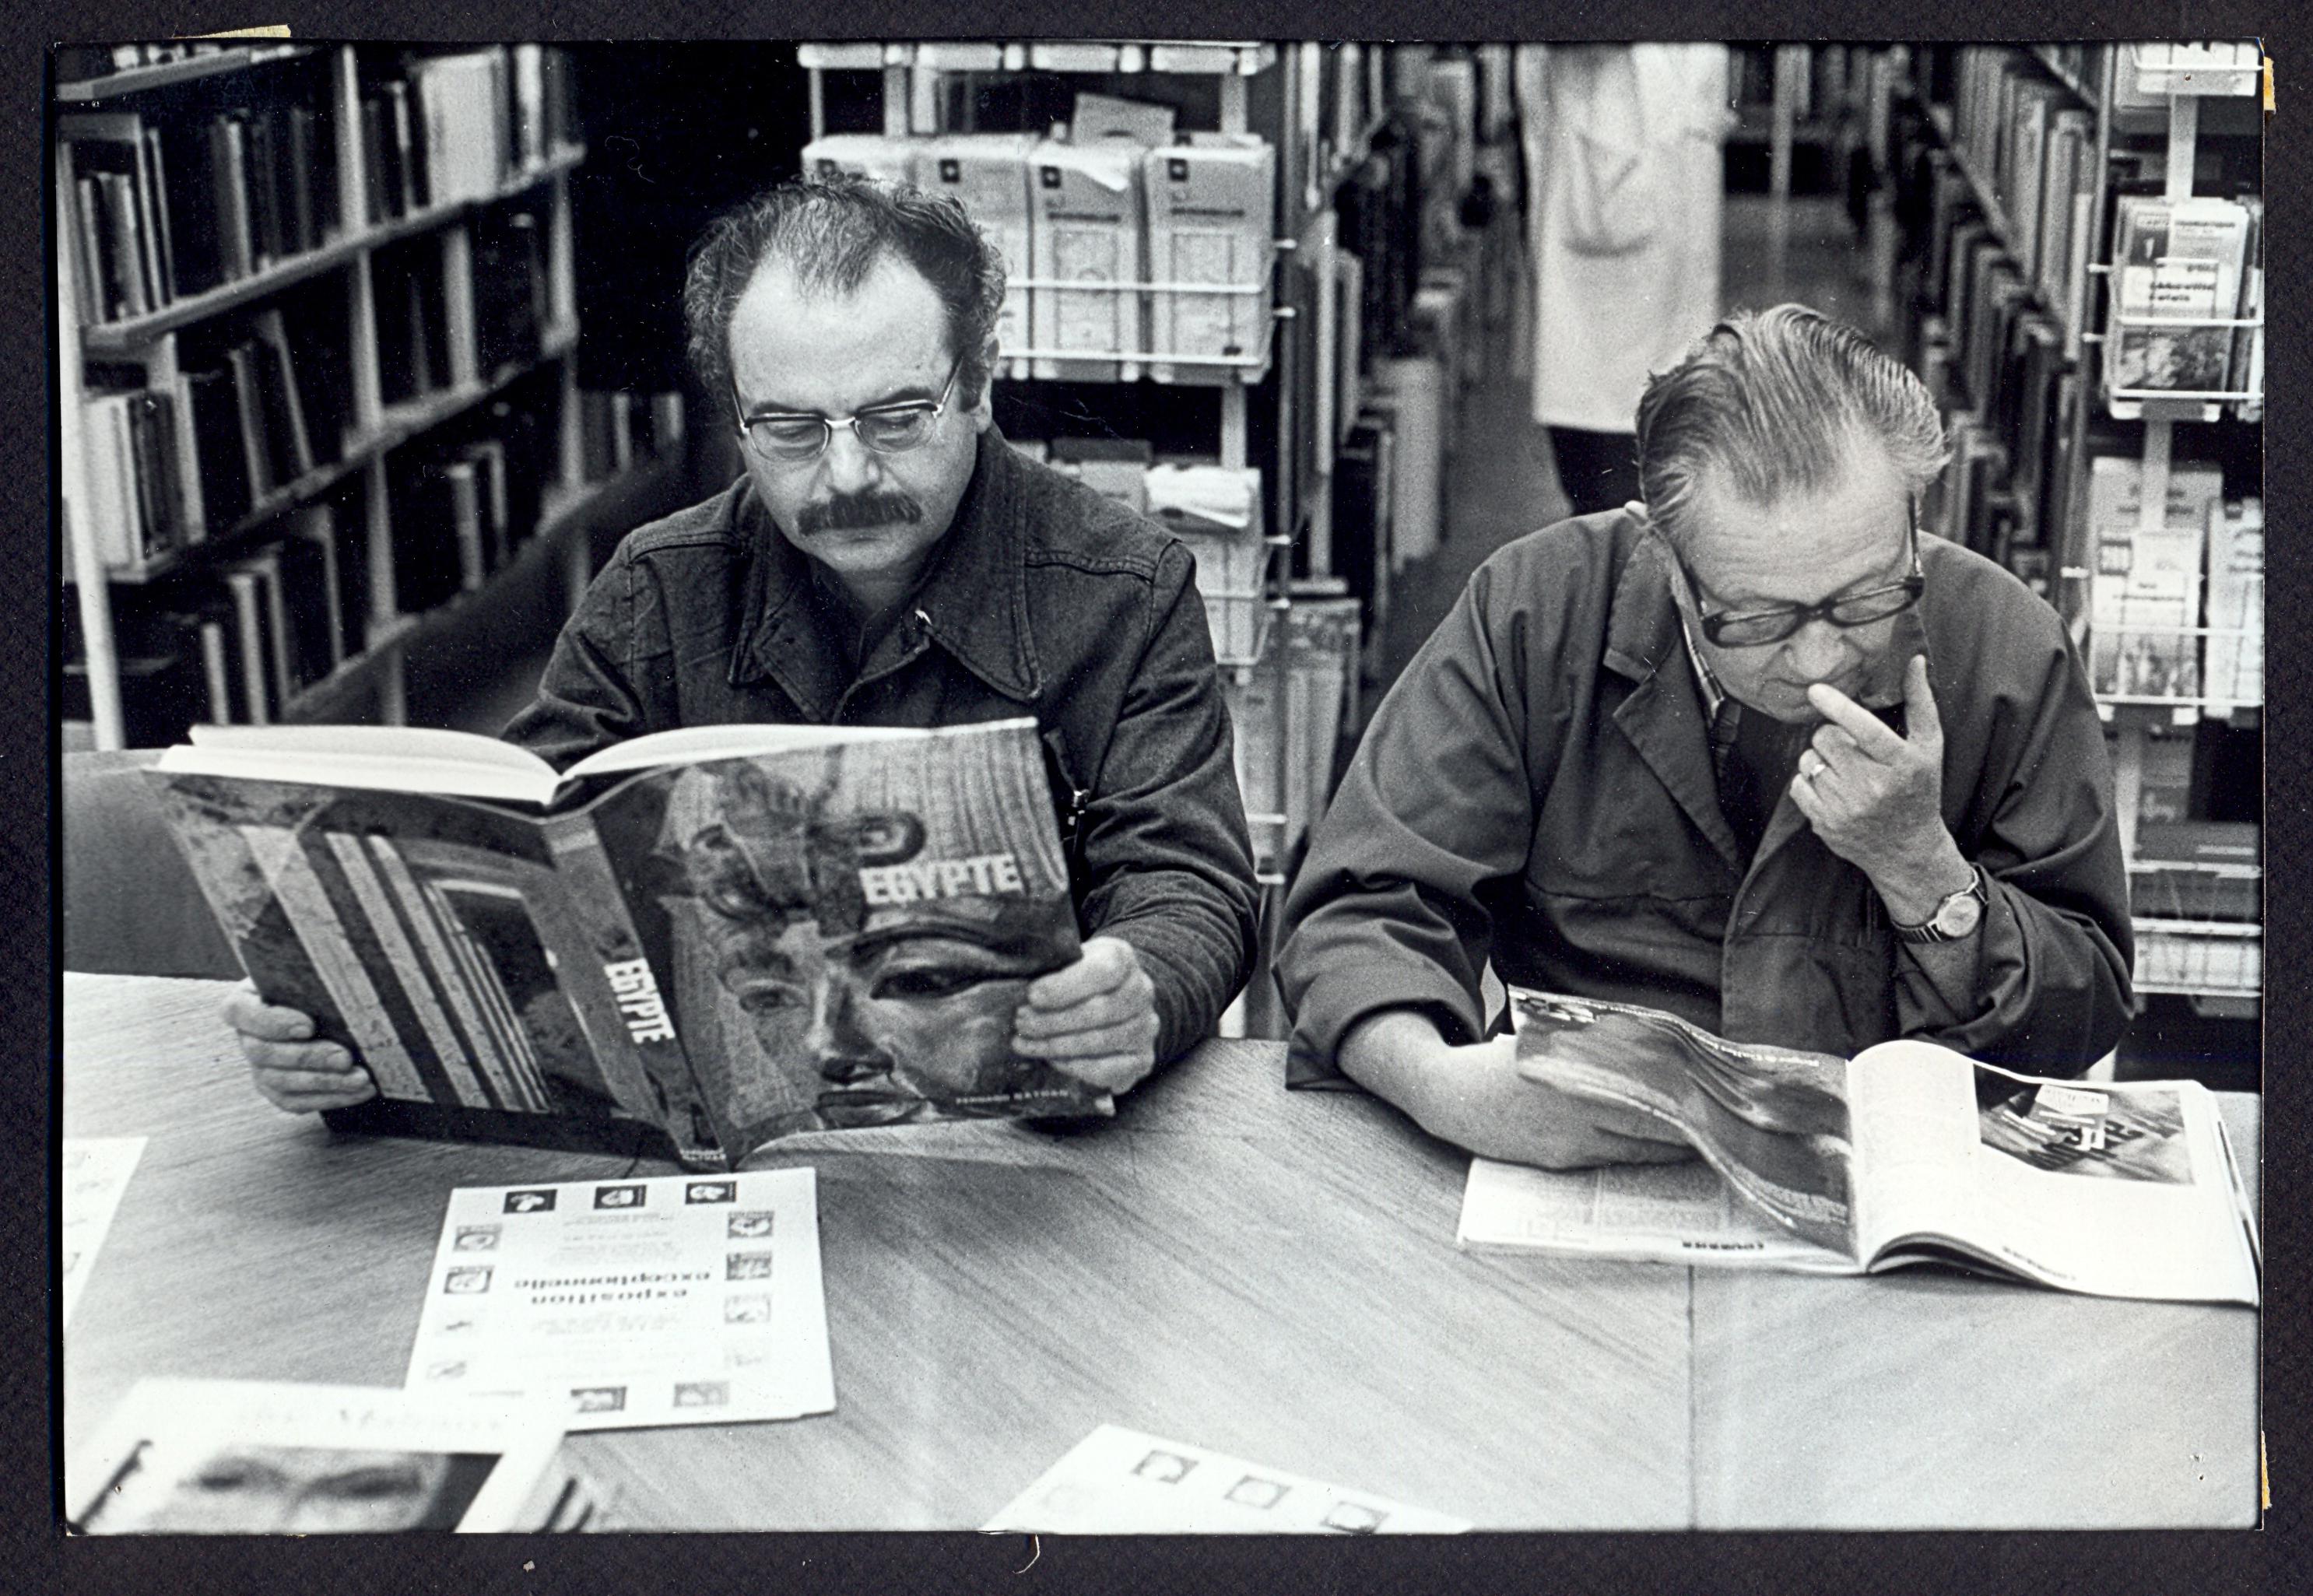 Lecteurs de la bibliothèque du comité d'entreprise de Renault : tirage photographique, Boulogne-Billancourt (Hauts-de-Seine), sans date.